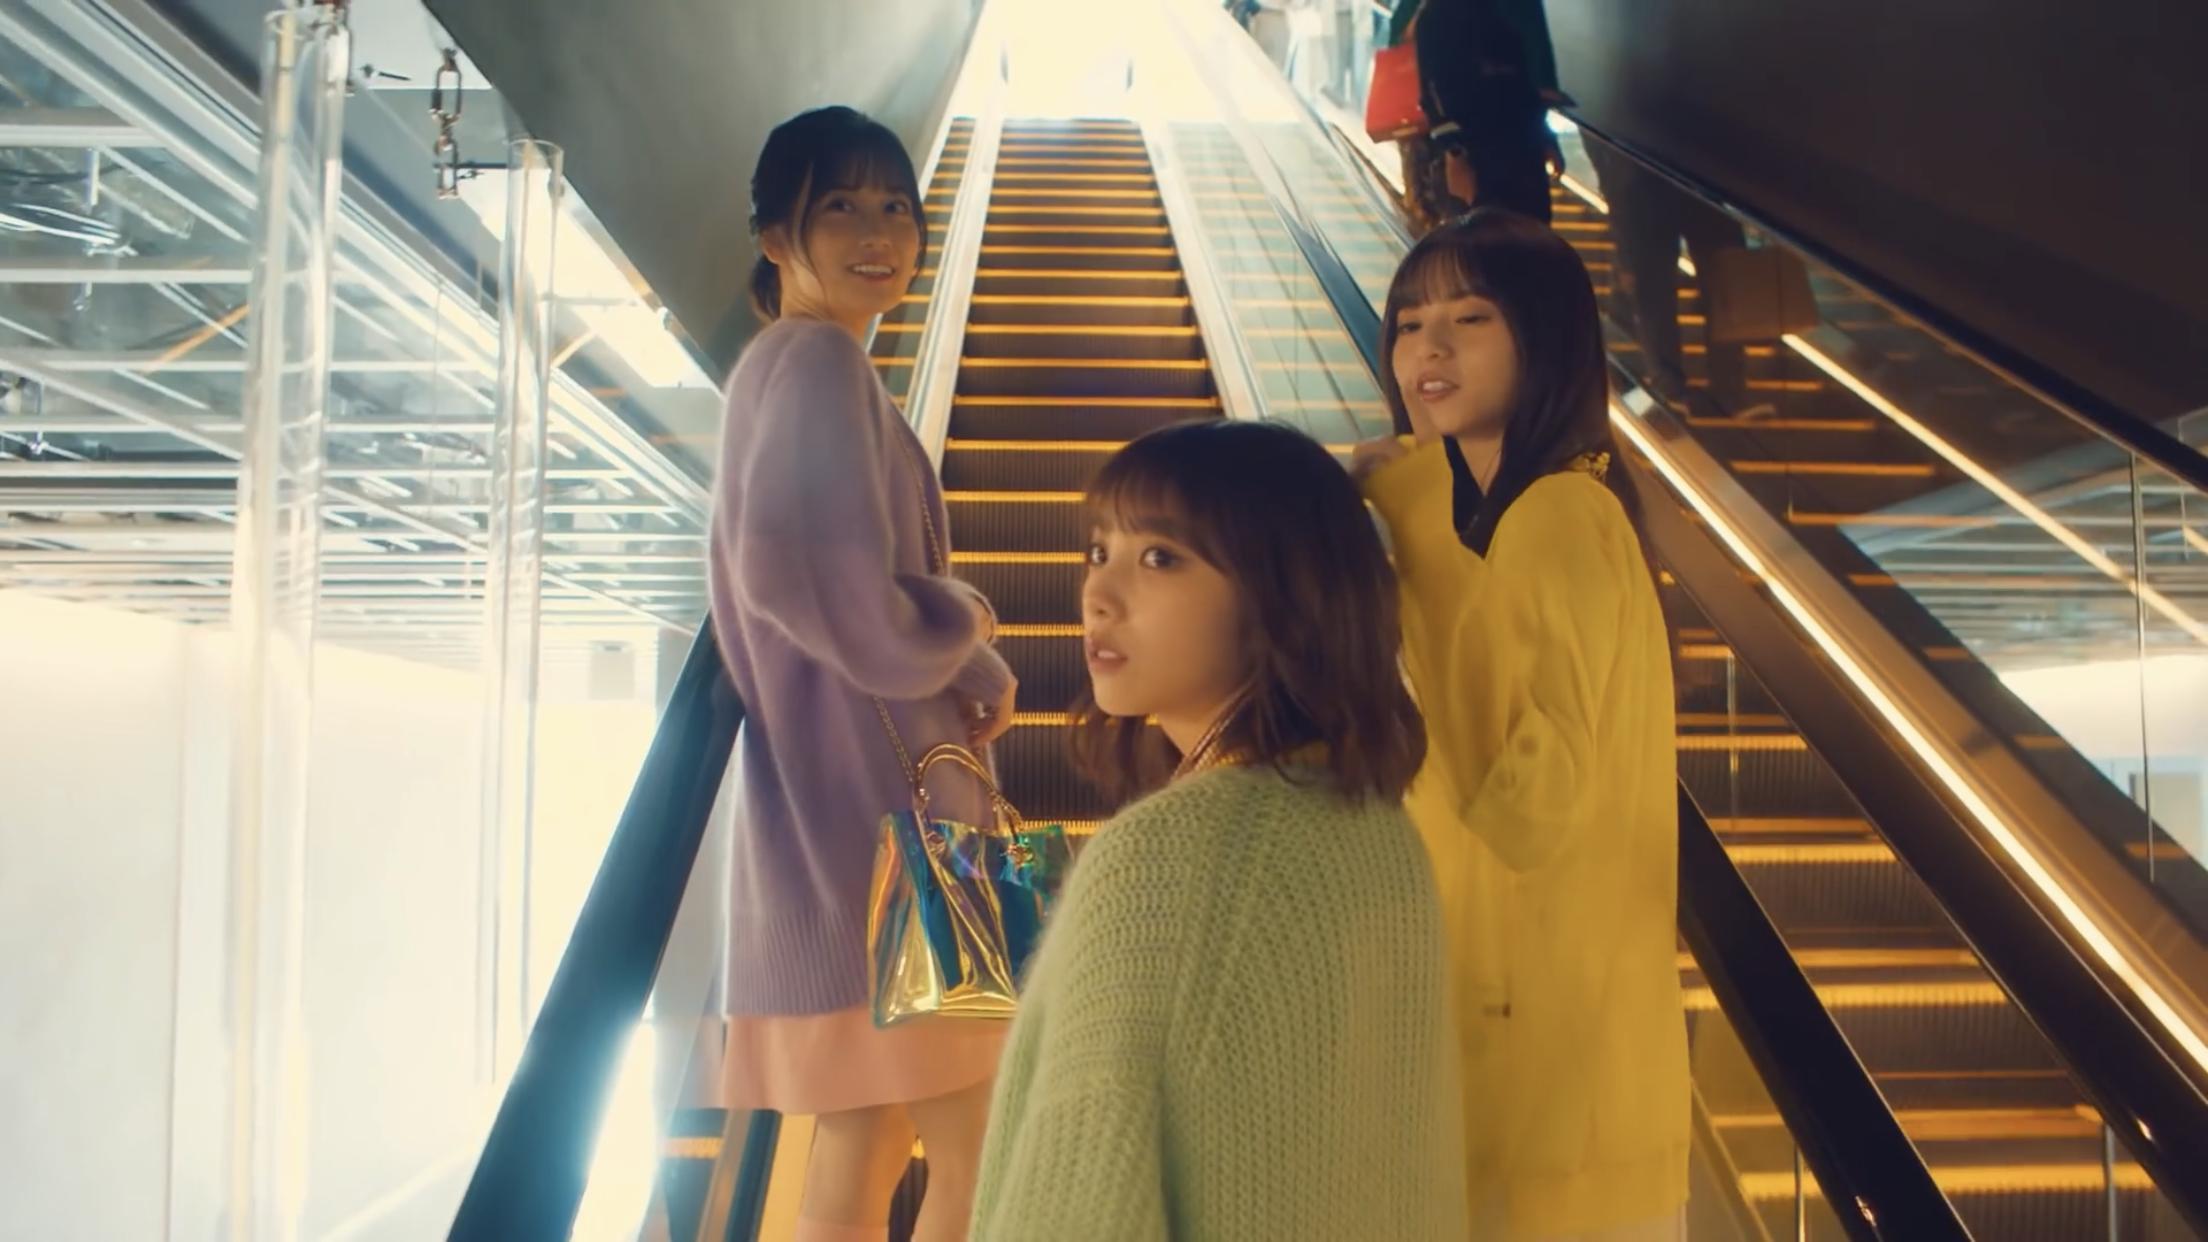 乃木坂46「僕は僕を好きになる」MV 山下美月 銀のバッグ